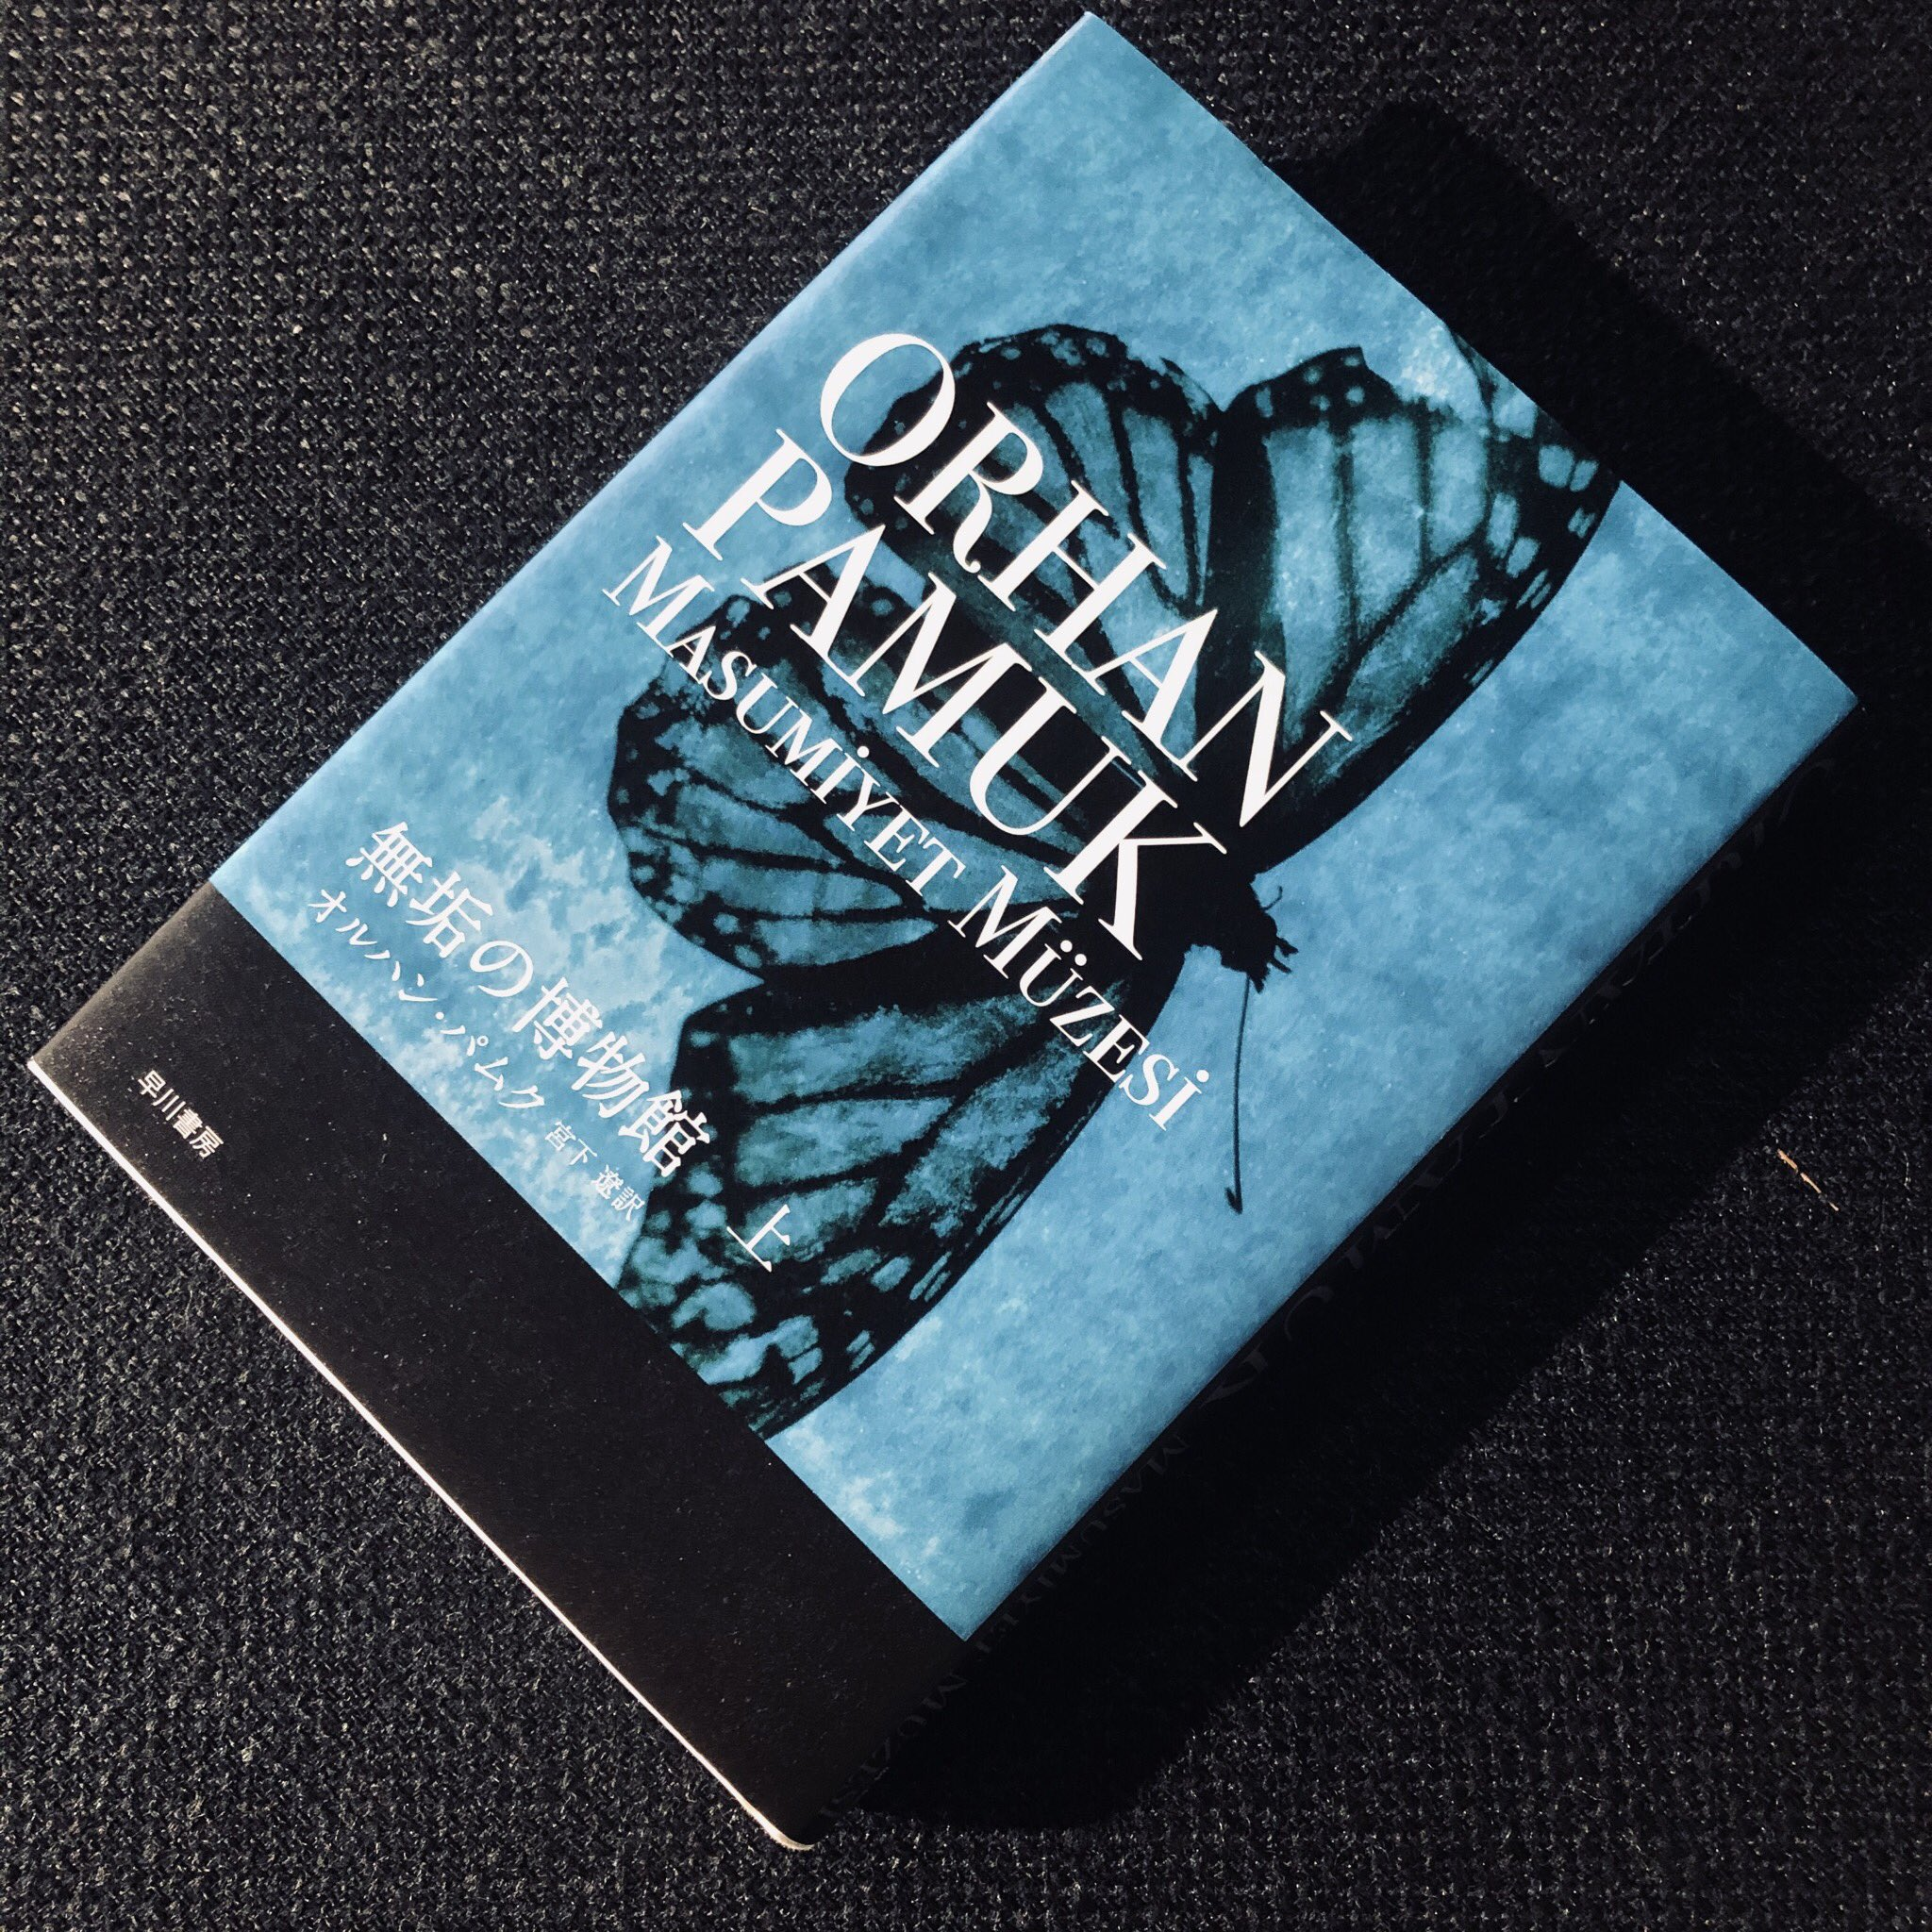 オルハン・パムク『無垢の博物館』(早川書房)